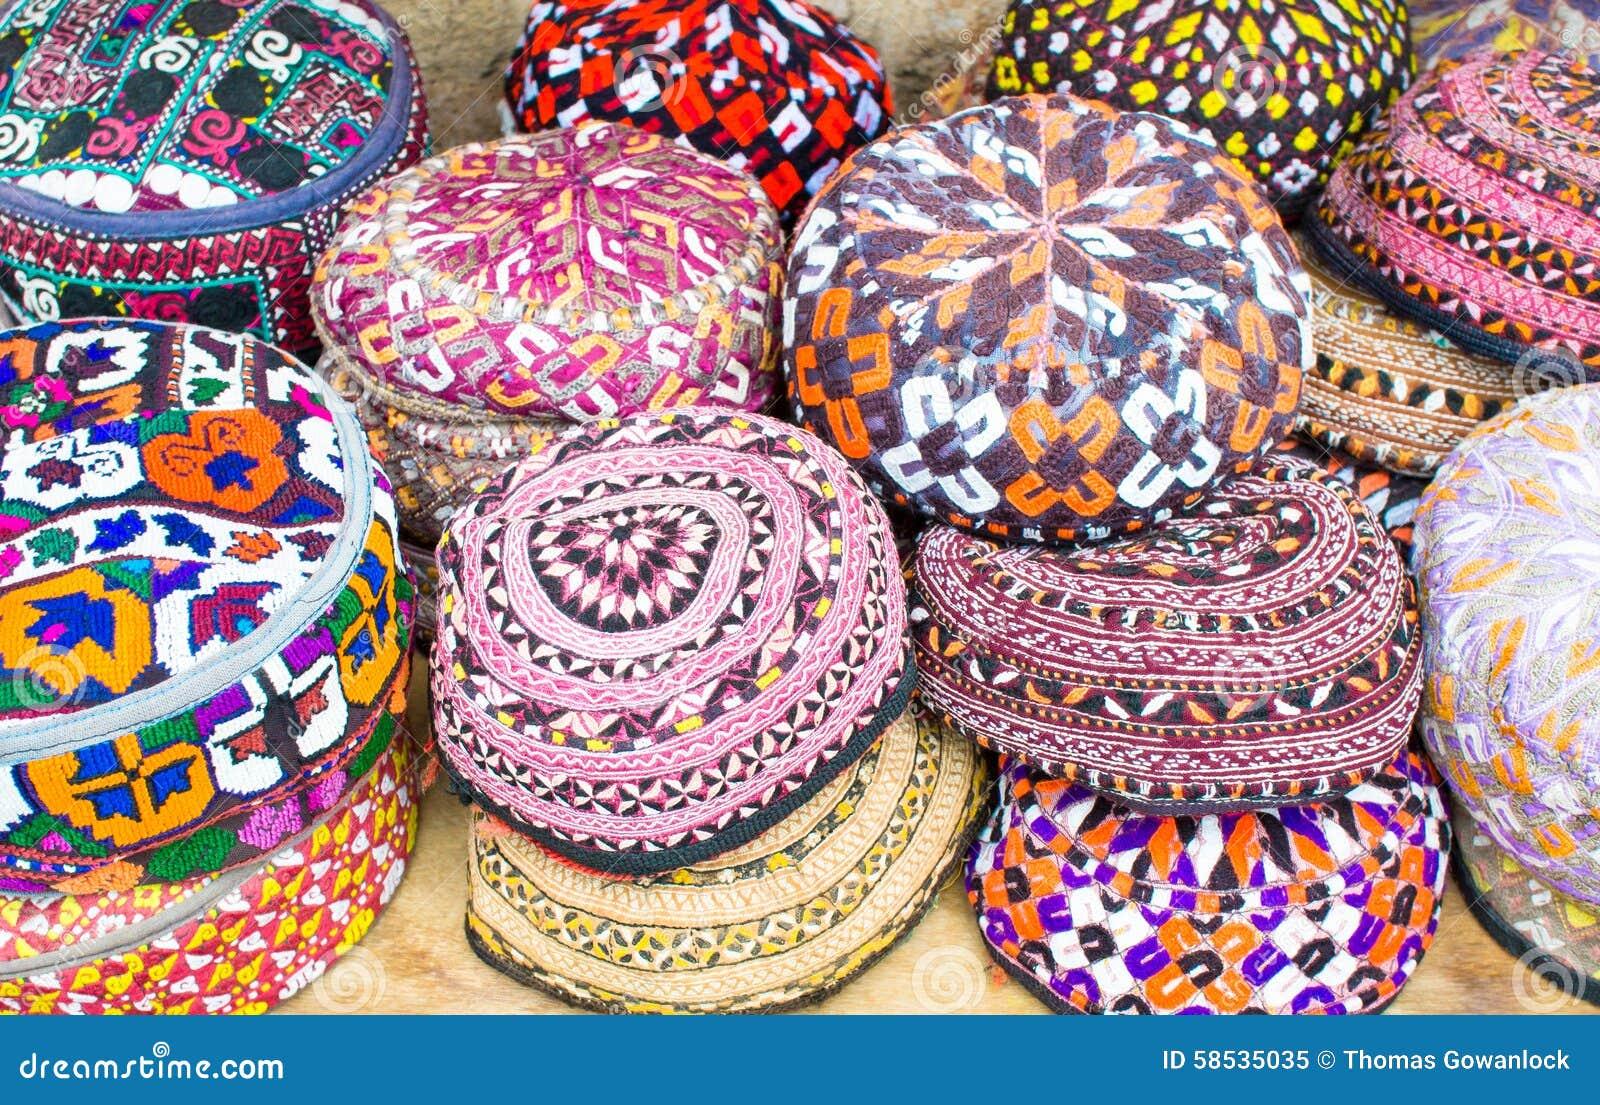 Chapeaux colorés